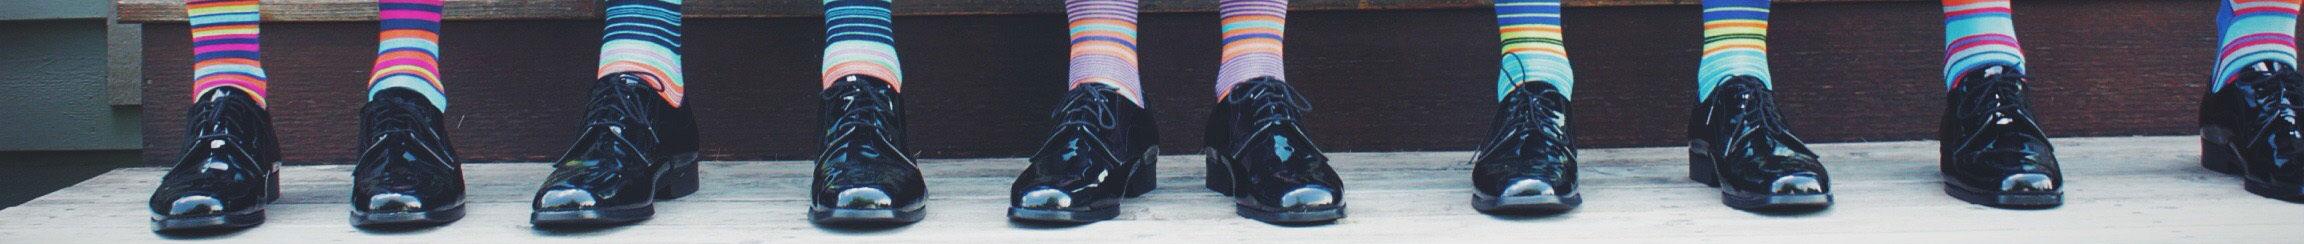 czyste buty - 🥇PUCYBUT urządzenia maszyny automaty do czyszczenia obuwia butów podeszw